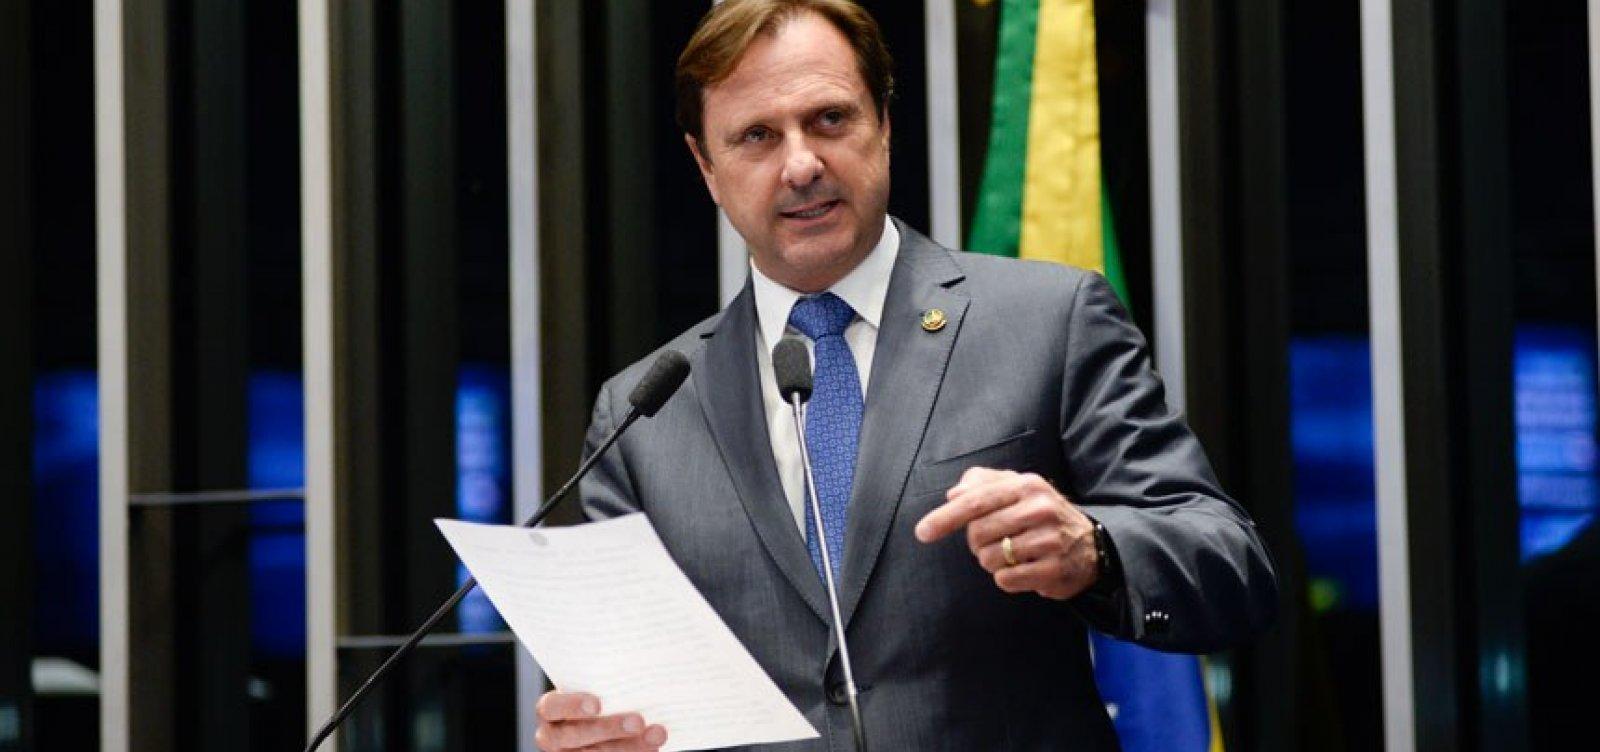 [Justiça do DF libera regime aberto para o senador Acir Gurgacz]